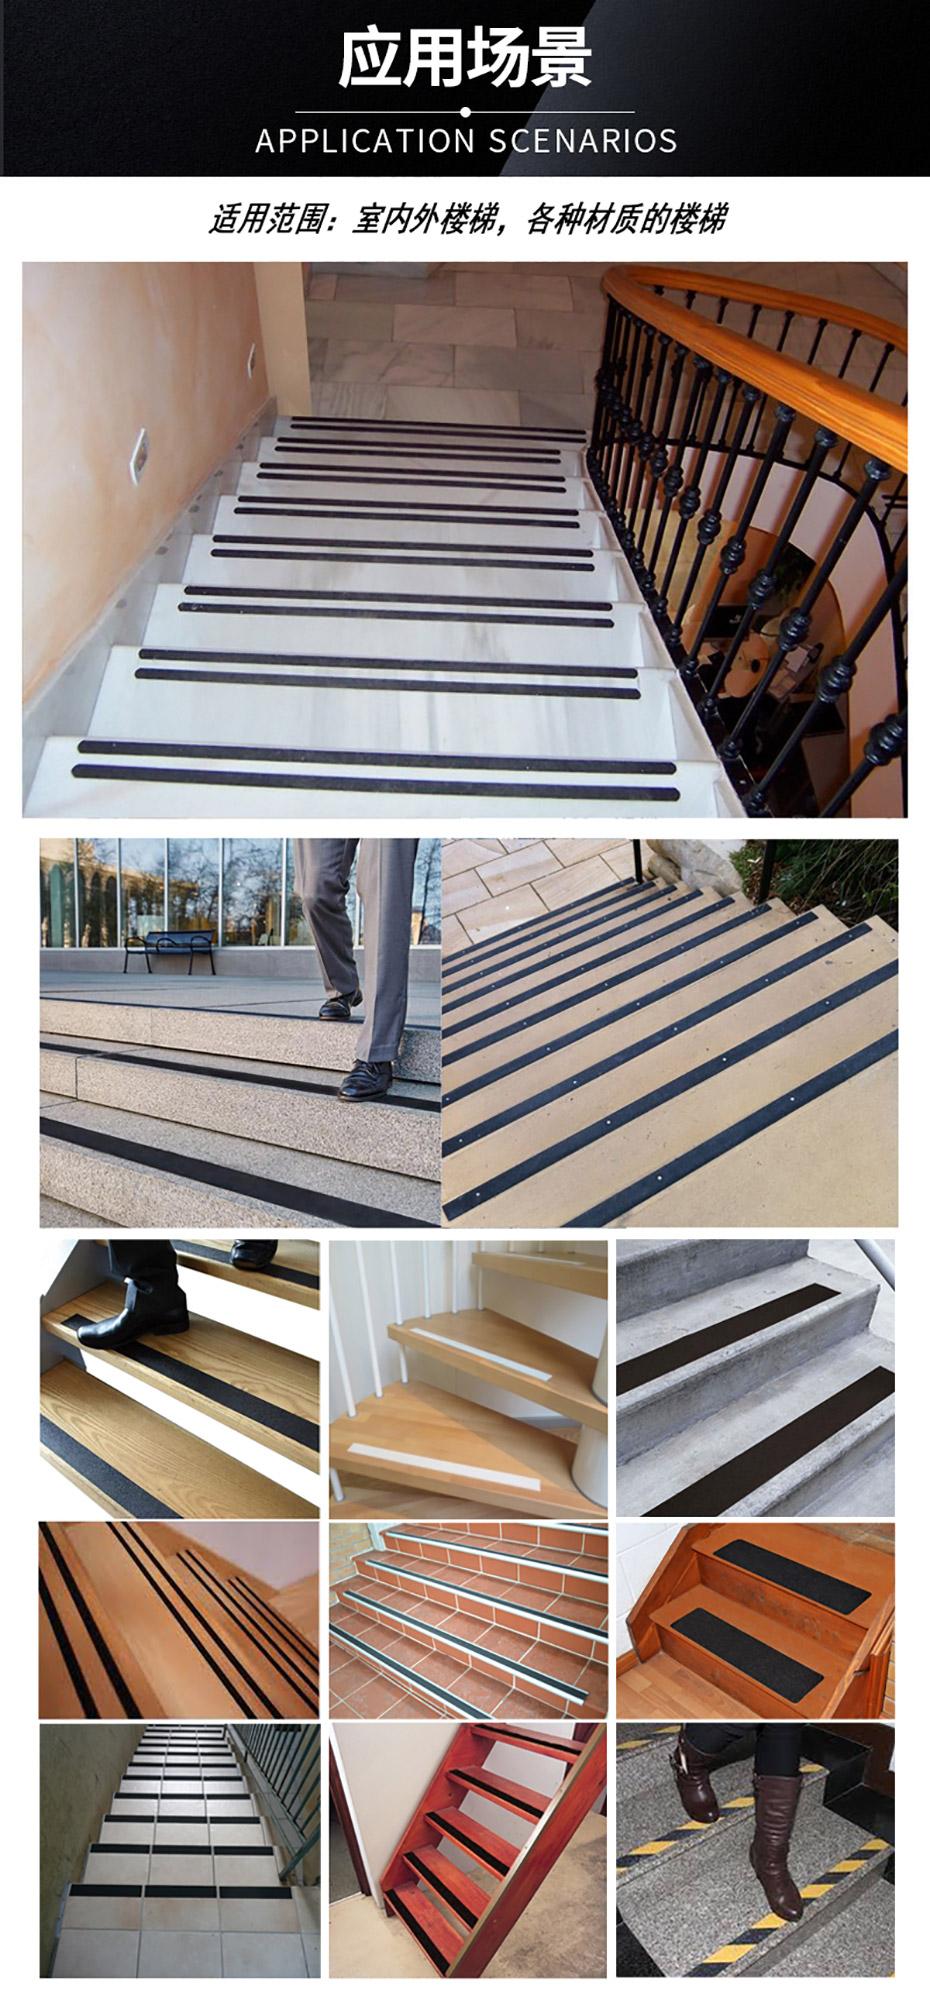 楼梯防滑胶带